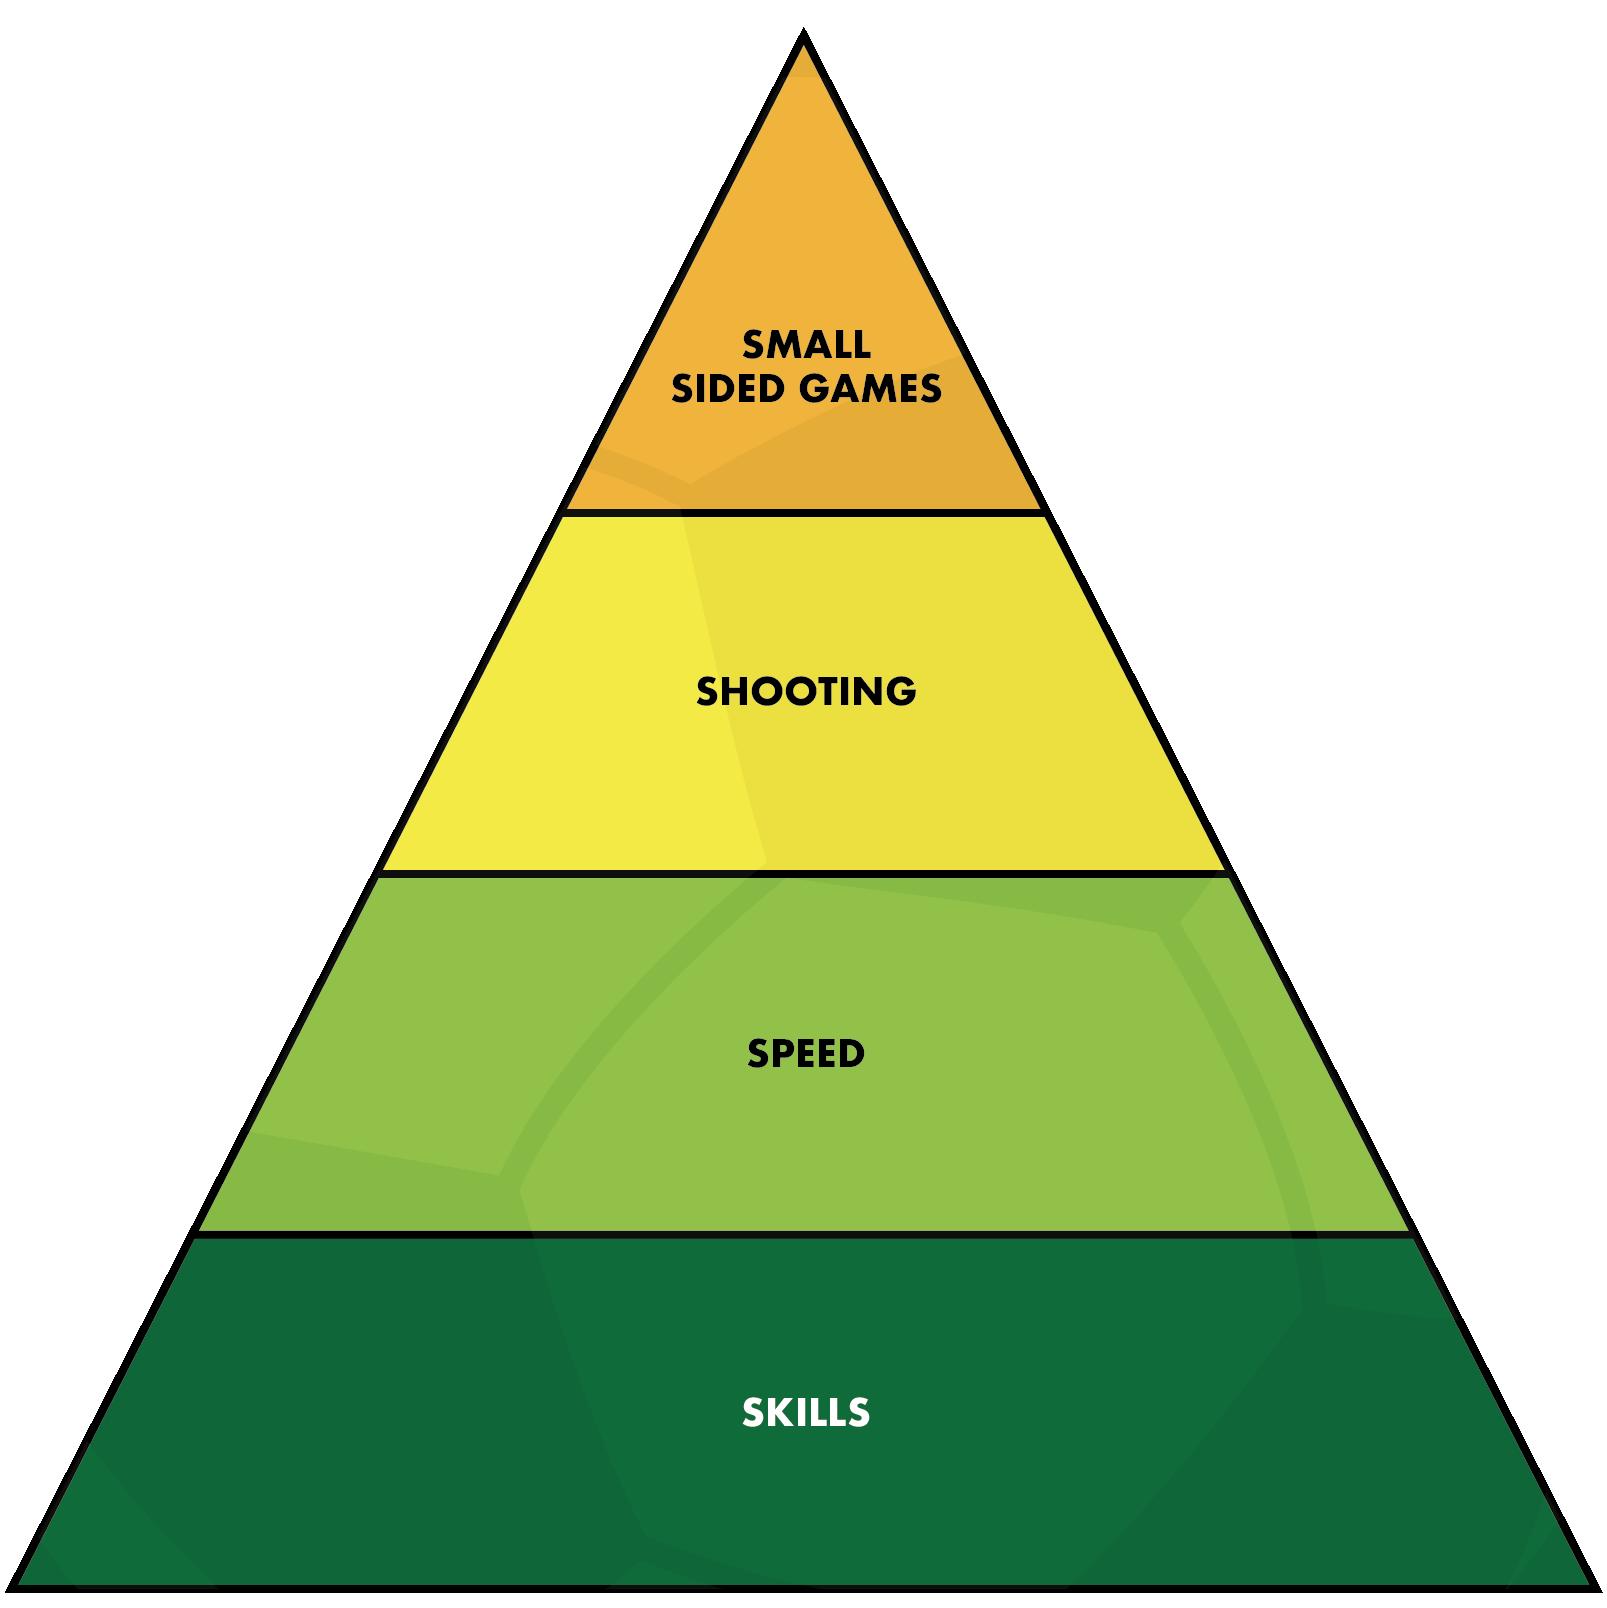 First Skills Pyramid